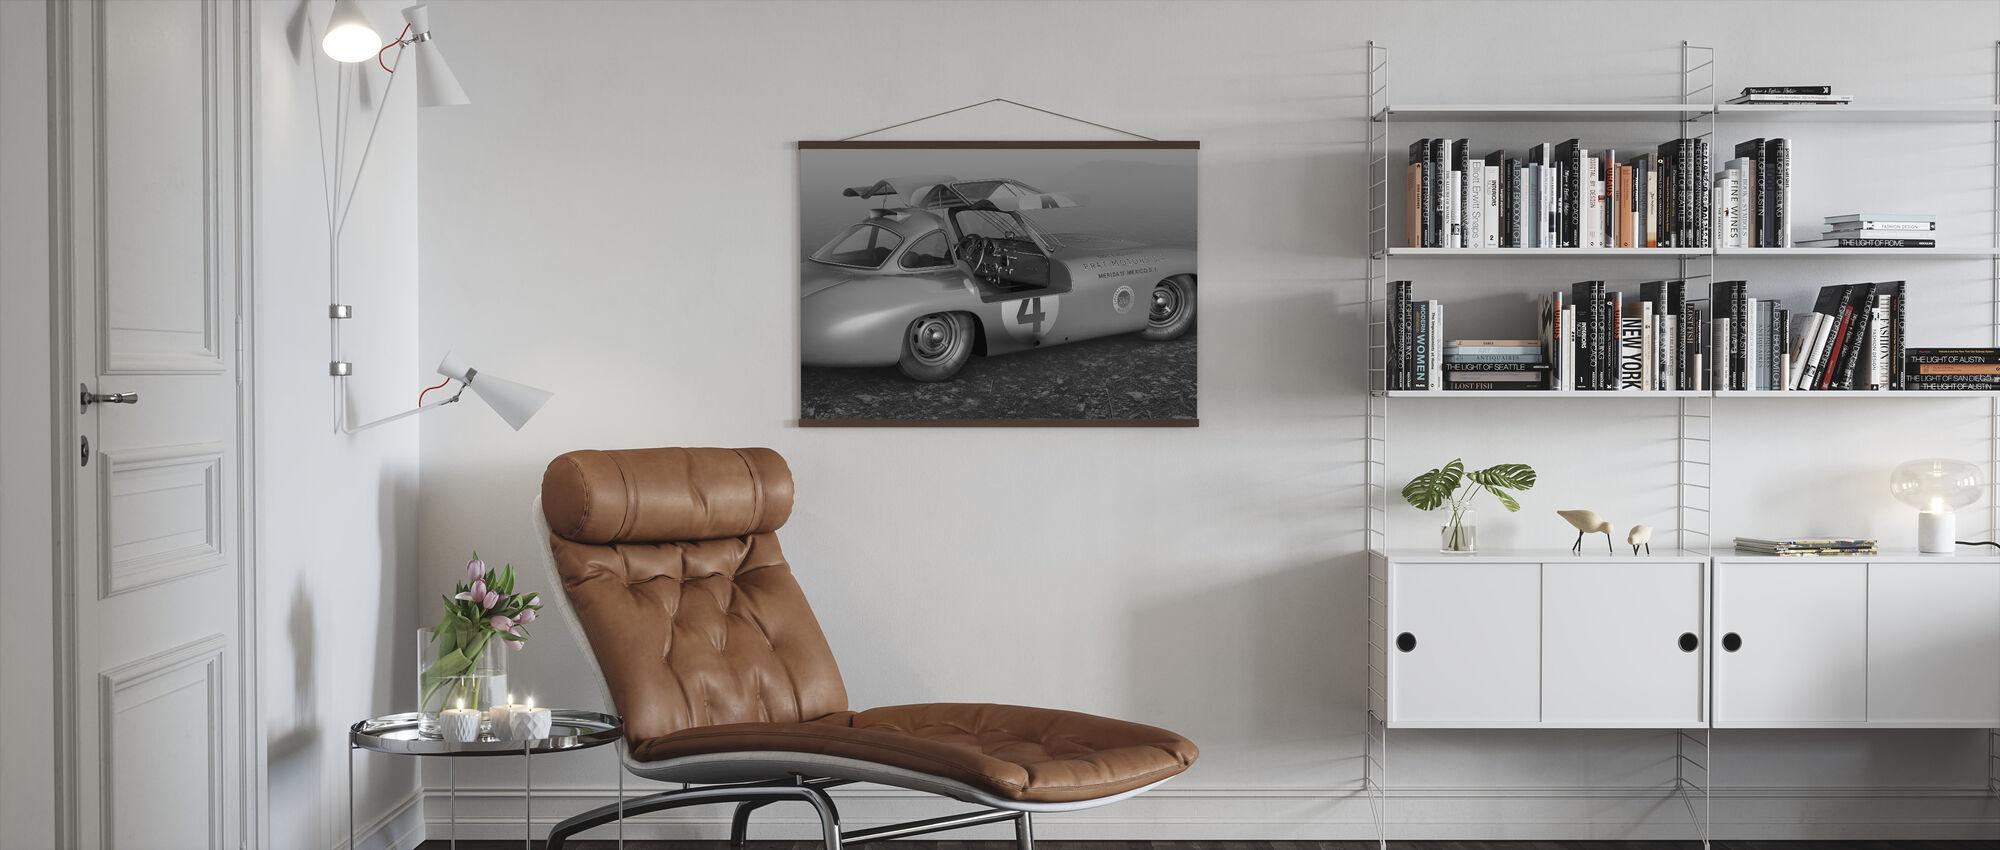 C Panamericana BW - Poster - Wohnzimmer